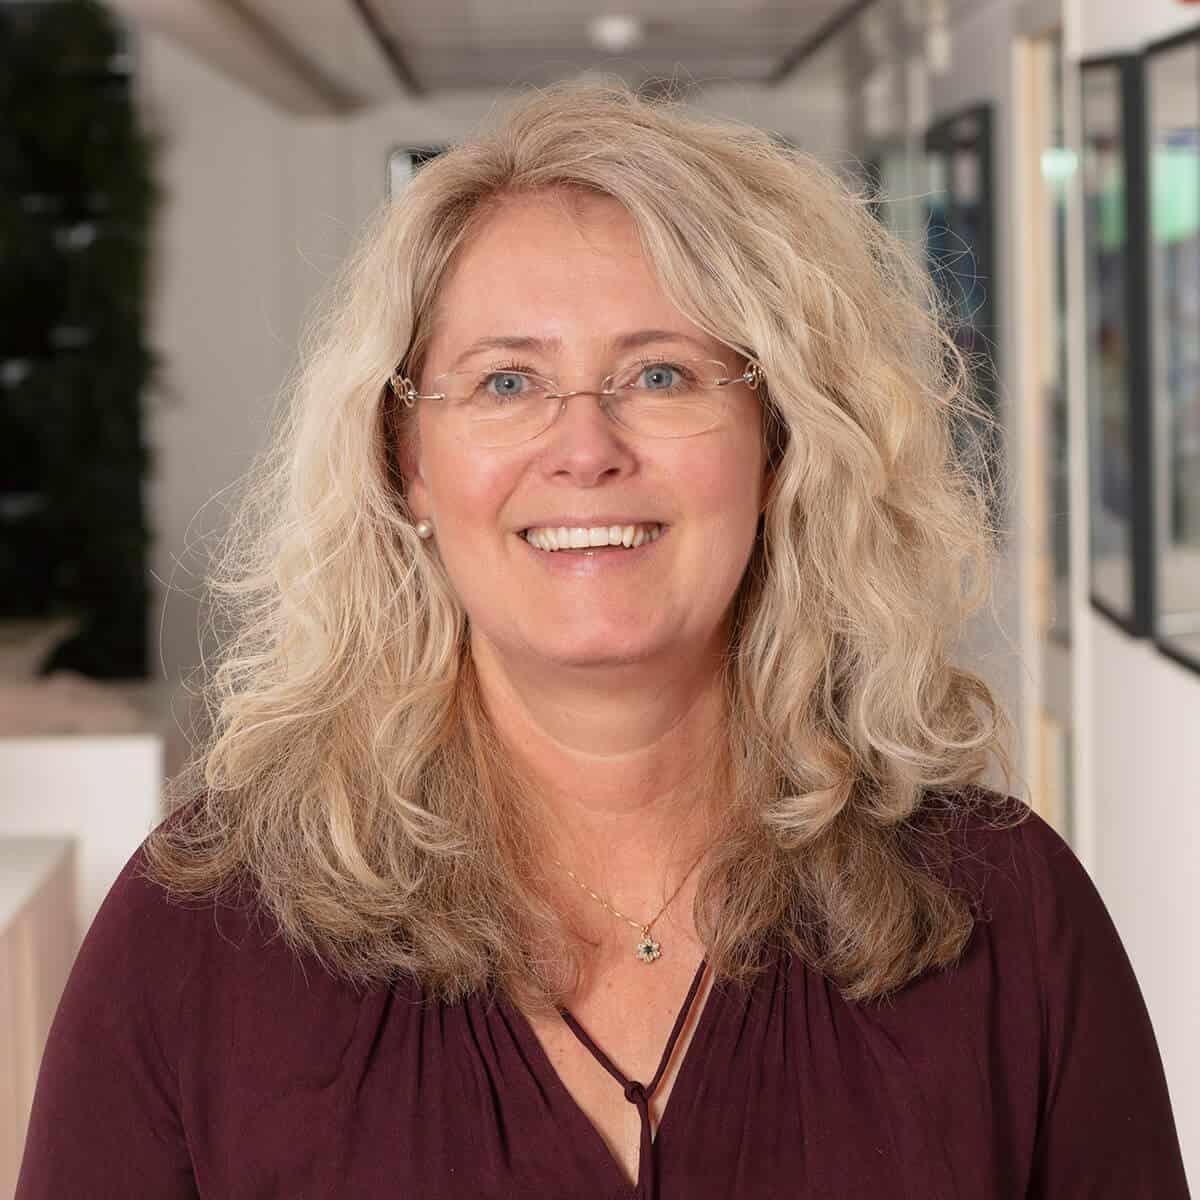 Maria Edholm